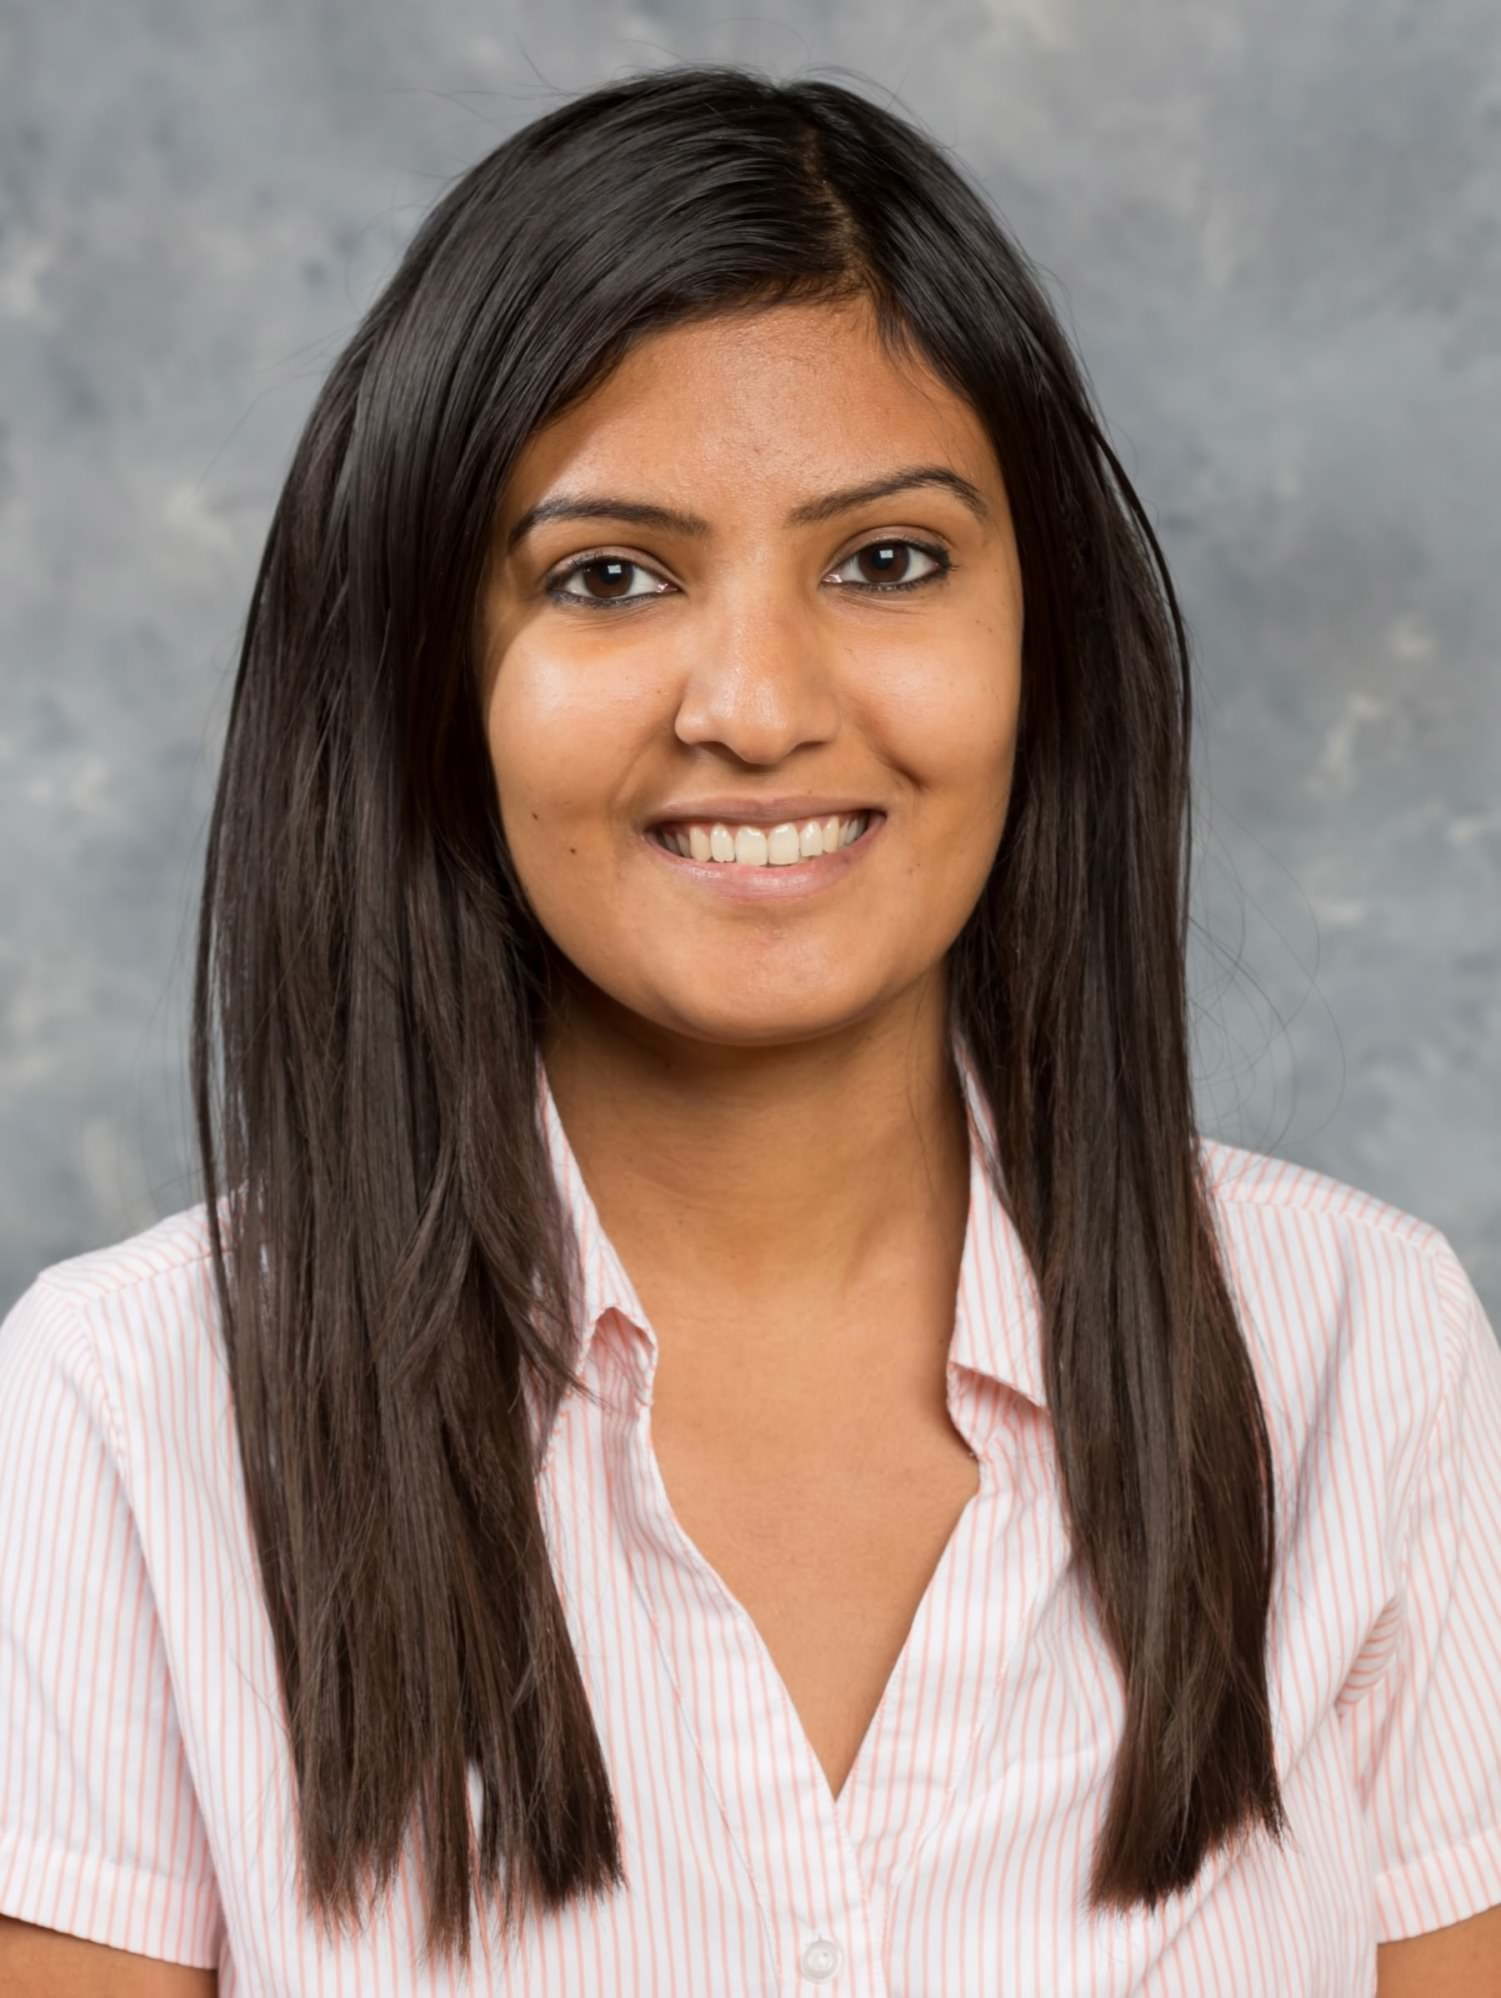 Aparna Unnikrishnan